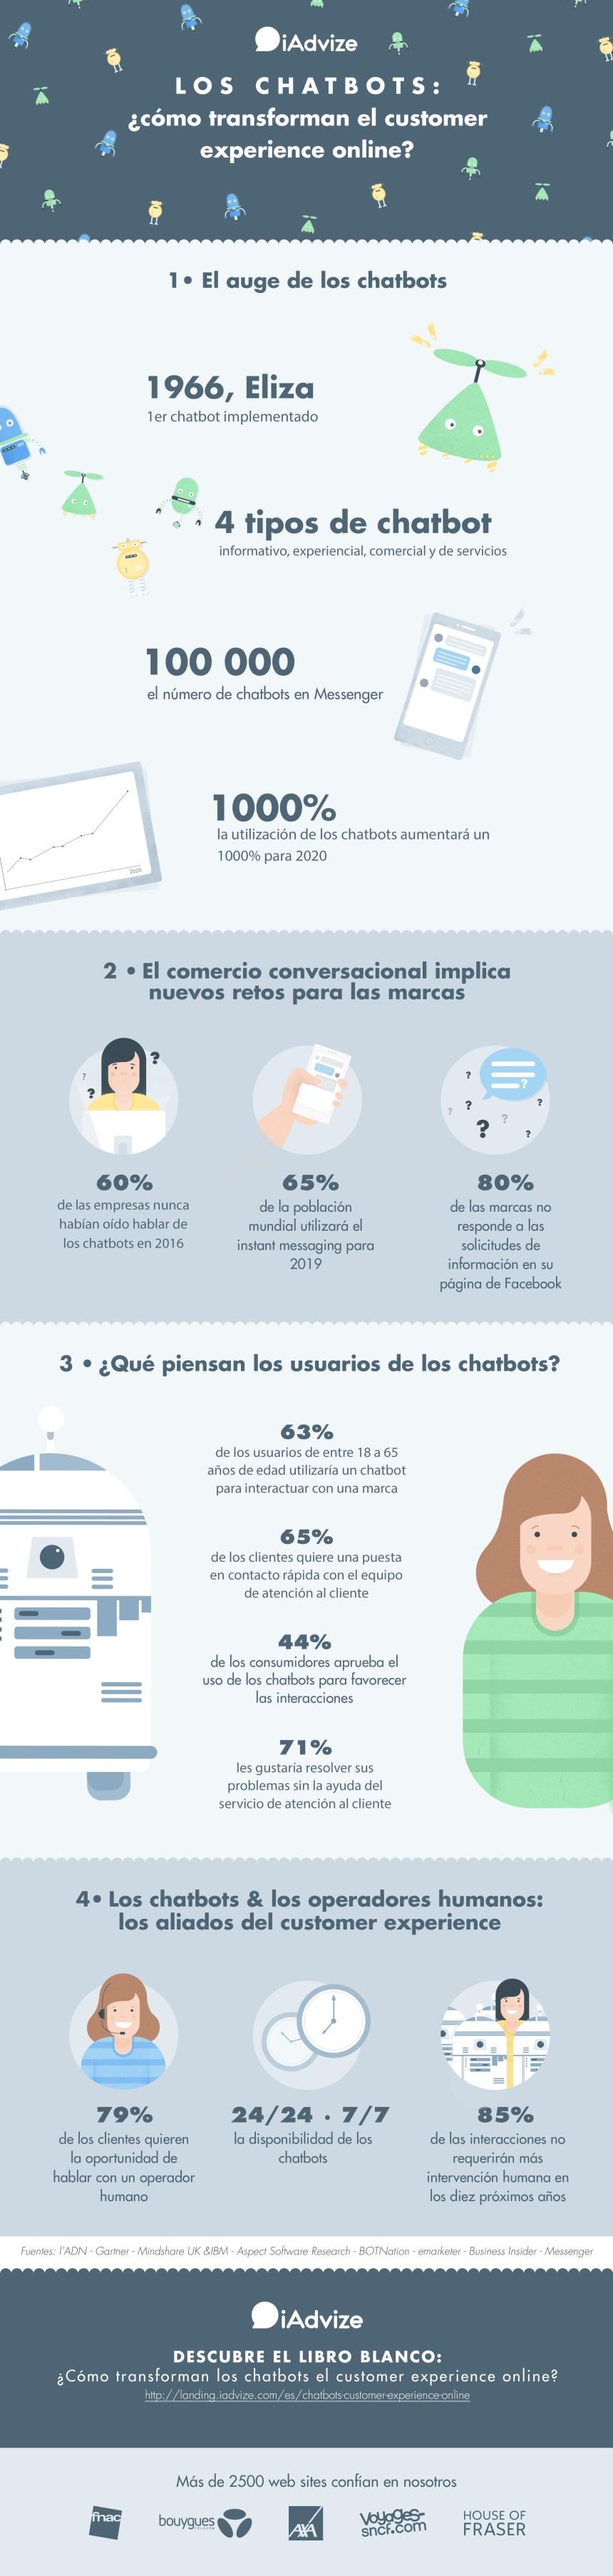 Chatbots: cómo transforman la experiencia del cliente online